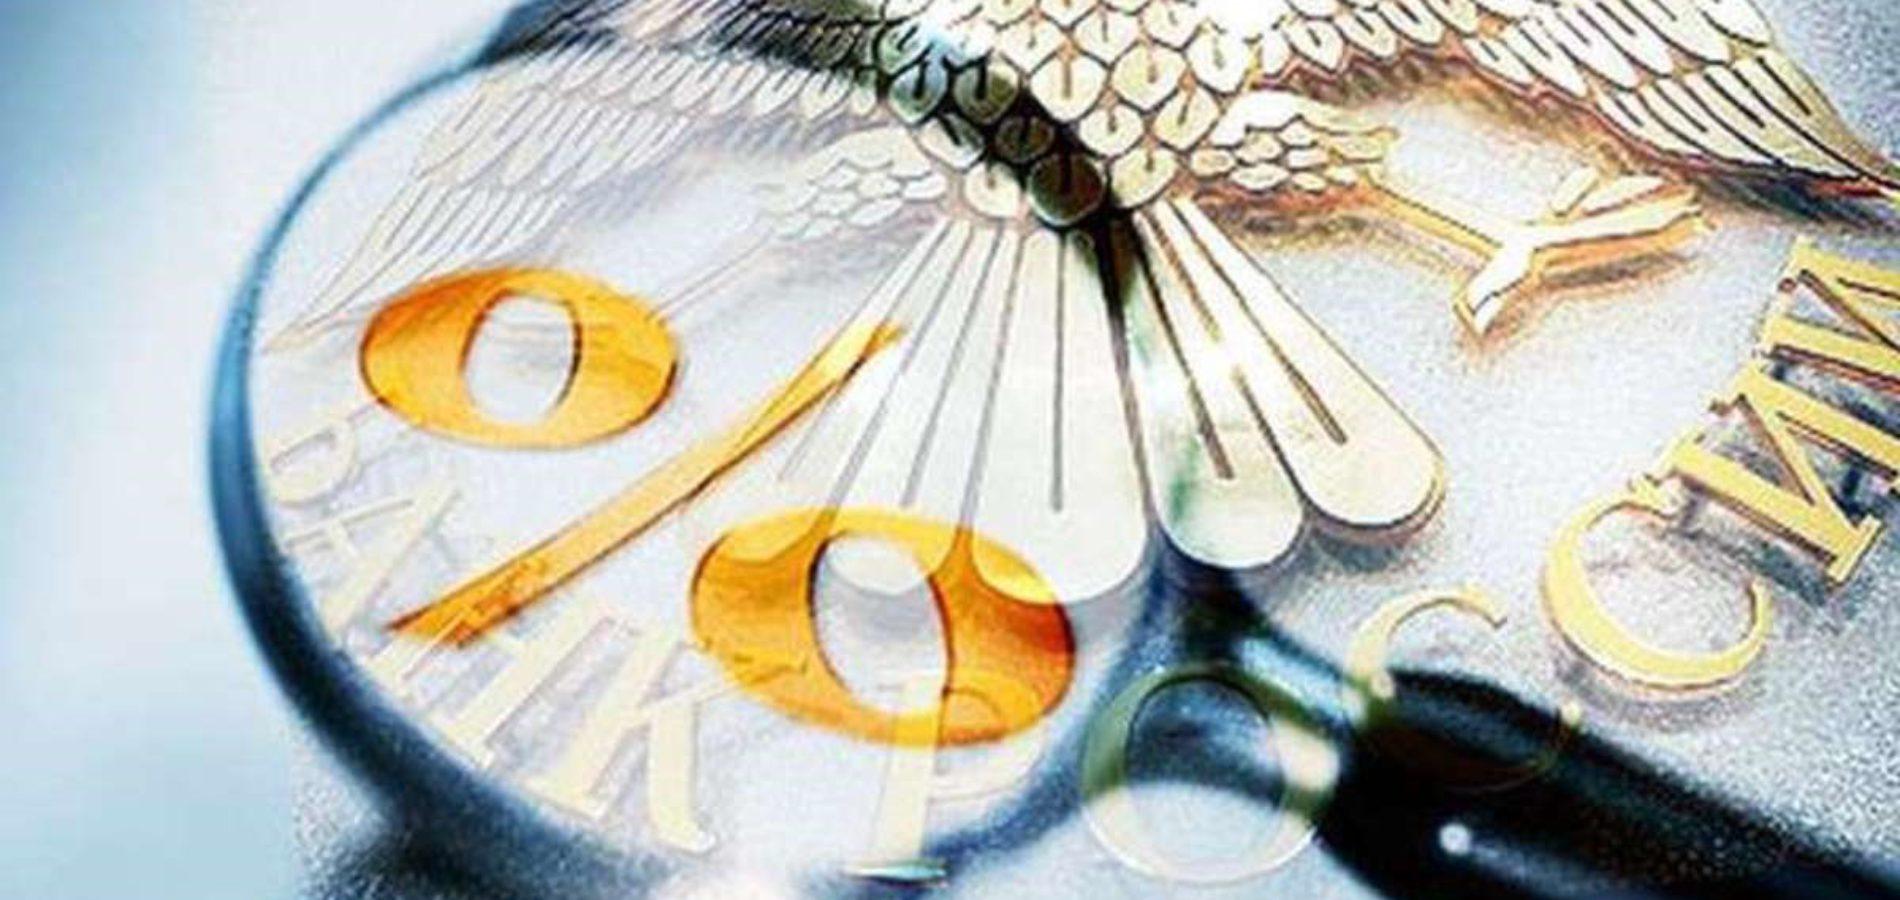 Ключевая ставка: будет ли ЦБ противостоять давлению?